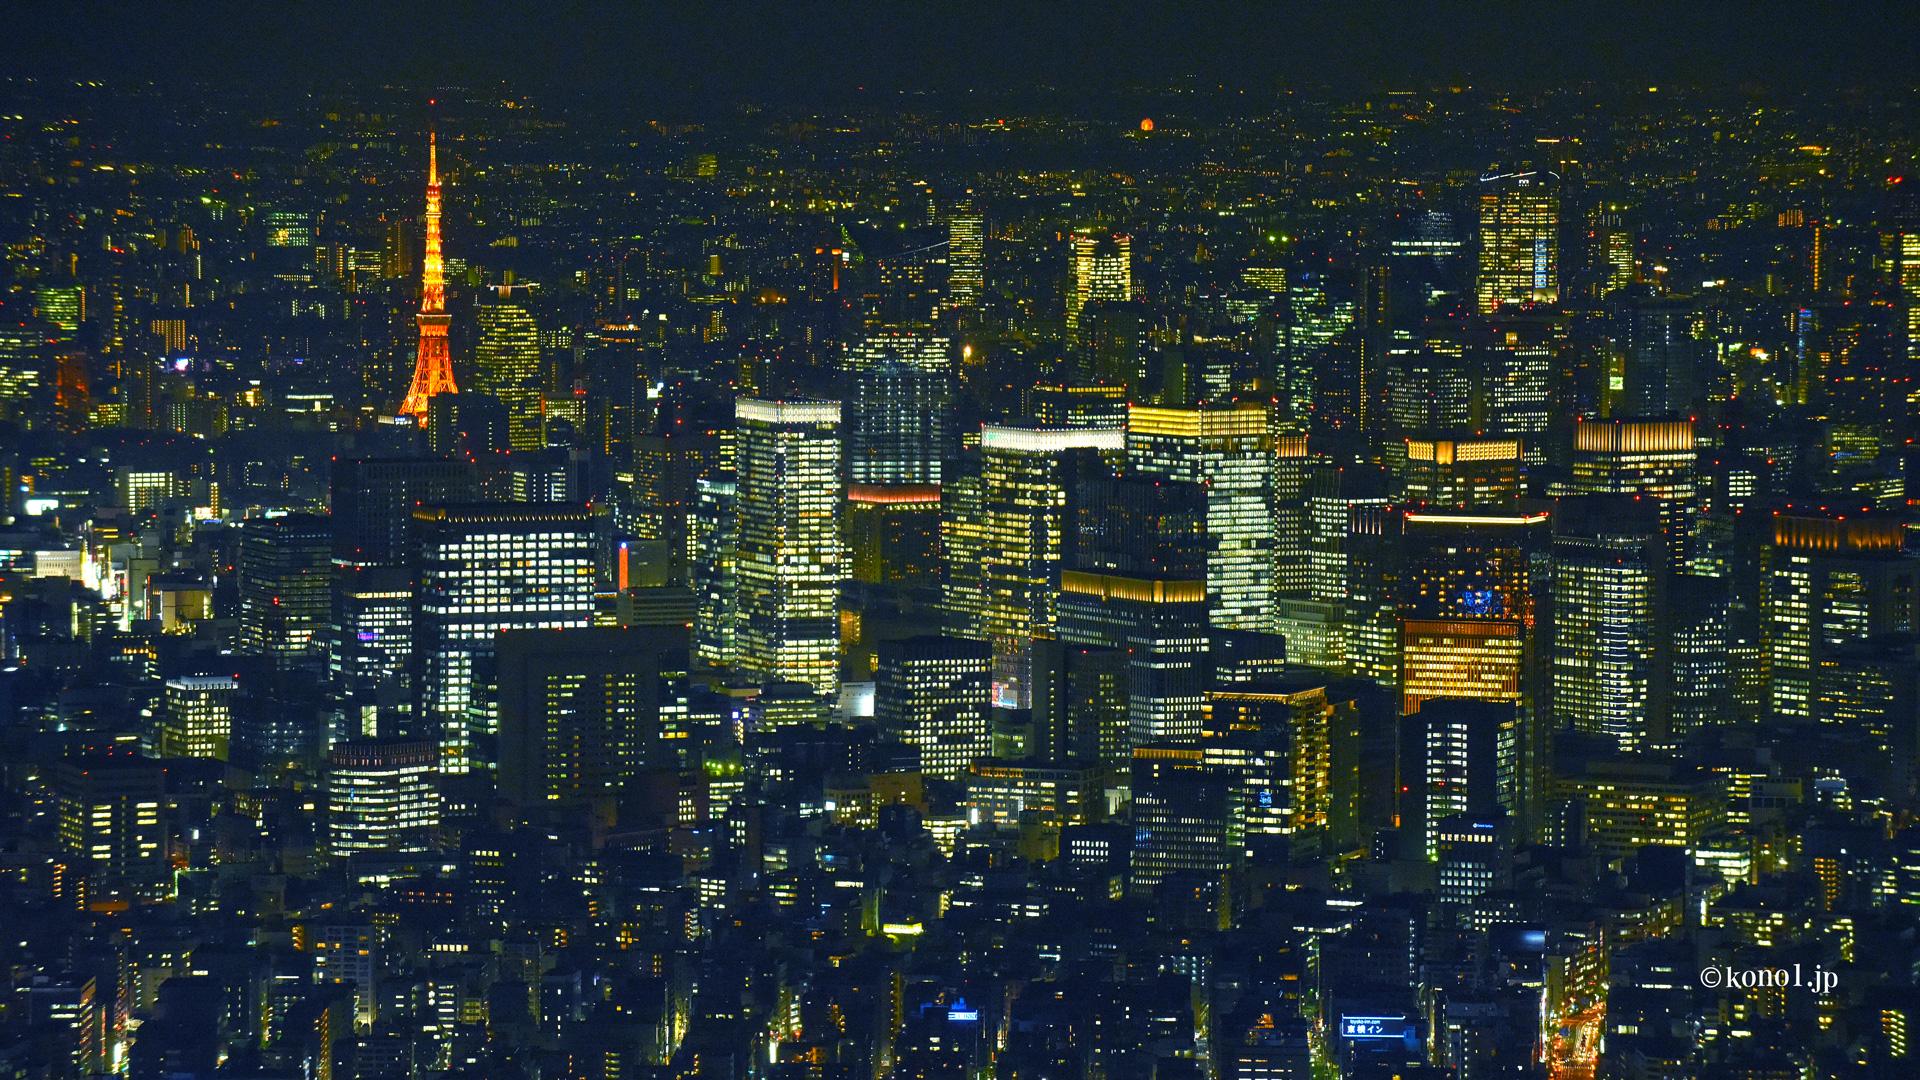 壁紙ダウンロード 美しい日本 この一枚